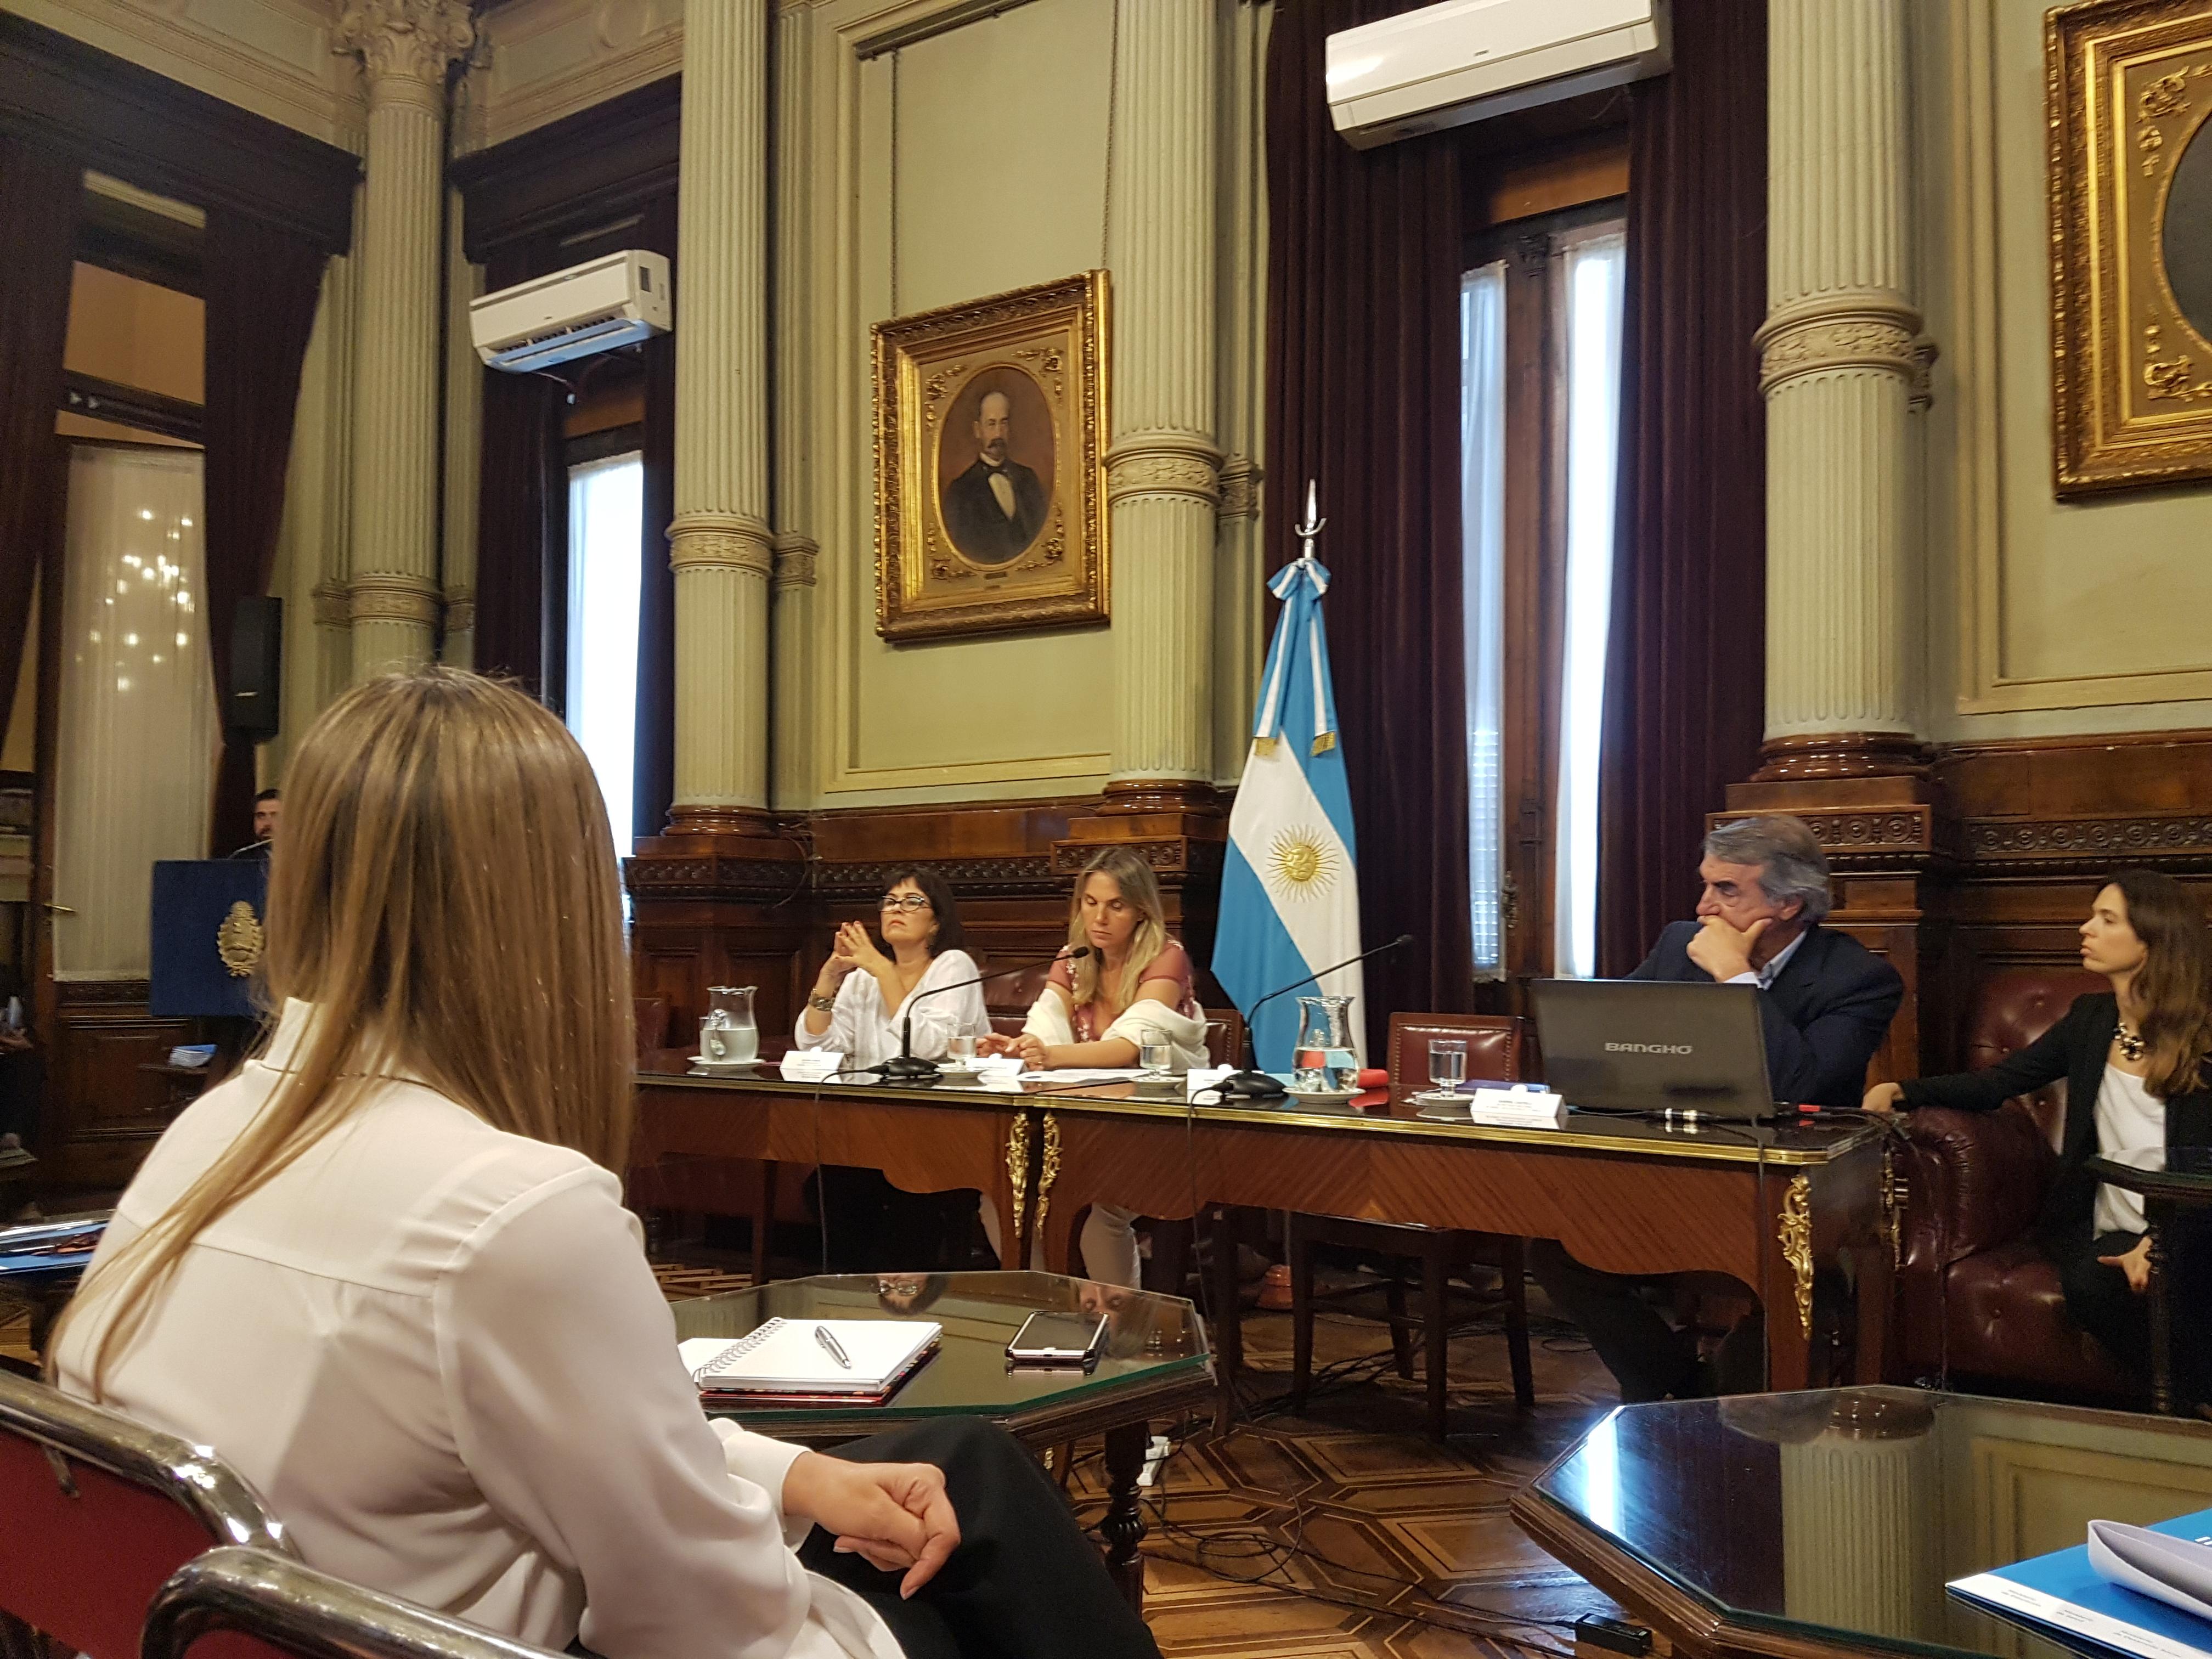 """Gimena de León y Alejandro Biondi (CIPPEC) en el evento """"Prevención del Embarazo No Intencional en la Adolescencia (ENIA): construcción de una agenda conjunta entre el Poder Legislativo y el Poder Ejecutivo"""", que tuvo lugar en el salón Illia del Senado de la Nación"""